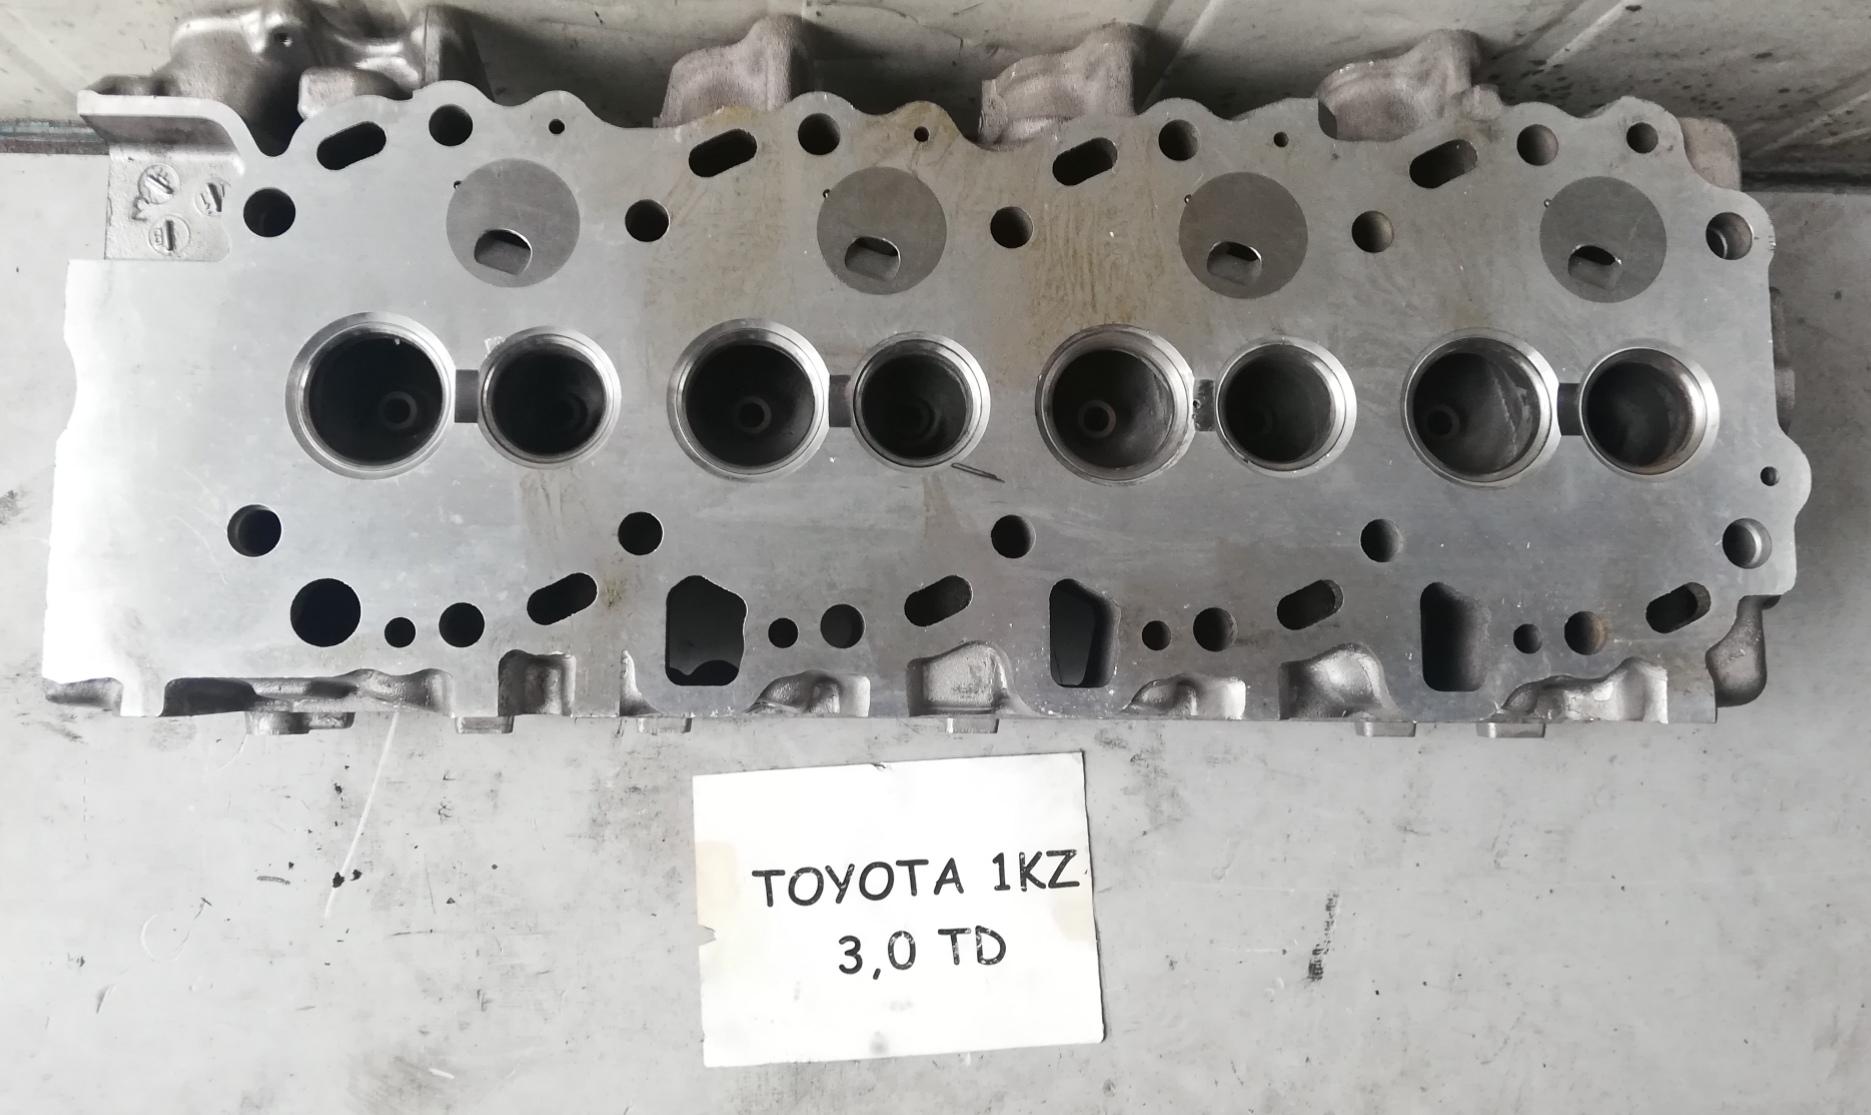 Regenerowana głowica Toyota 3.0 TD 1KZ